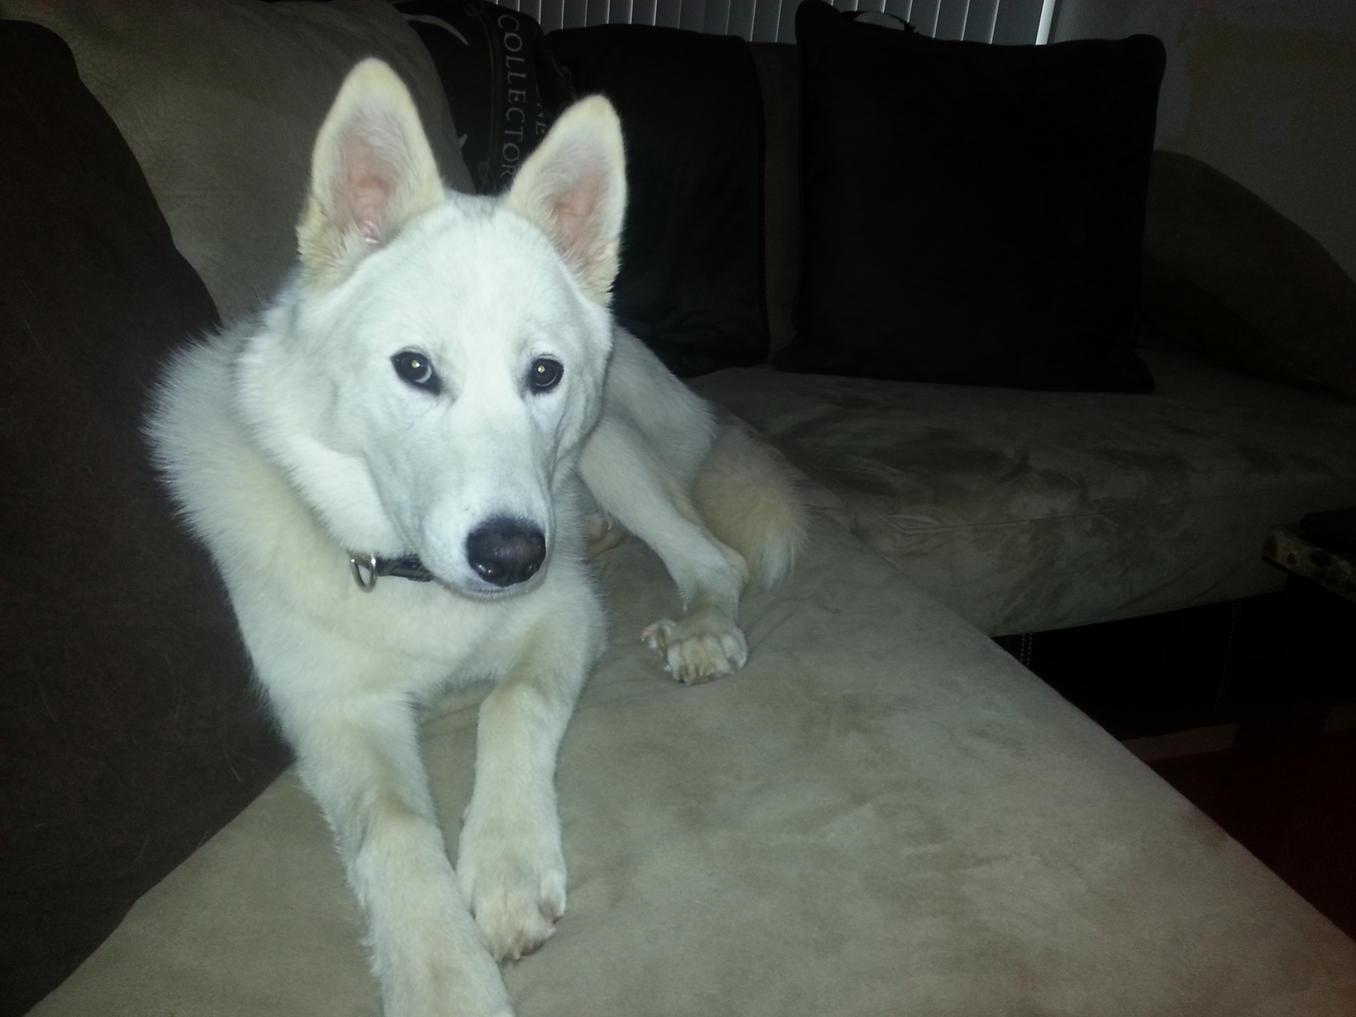 dog breed question-20130525_133206.jpg